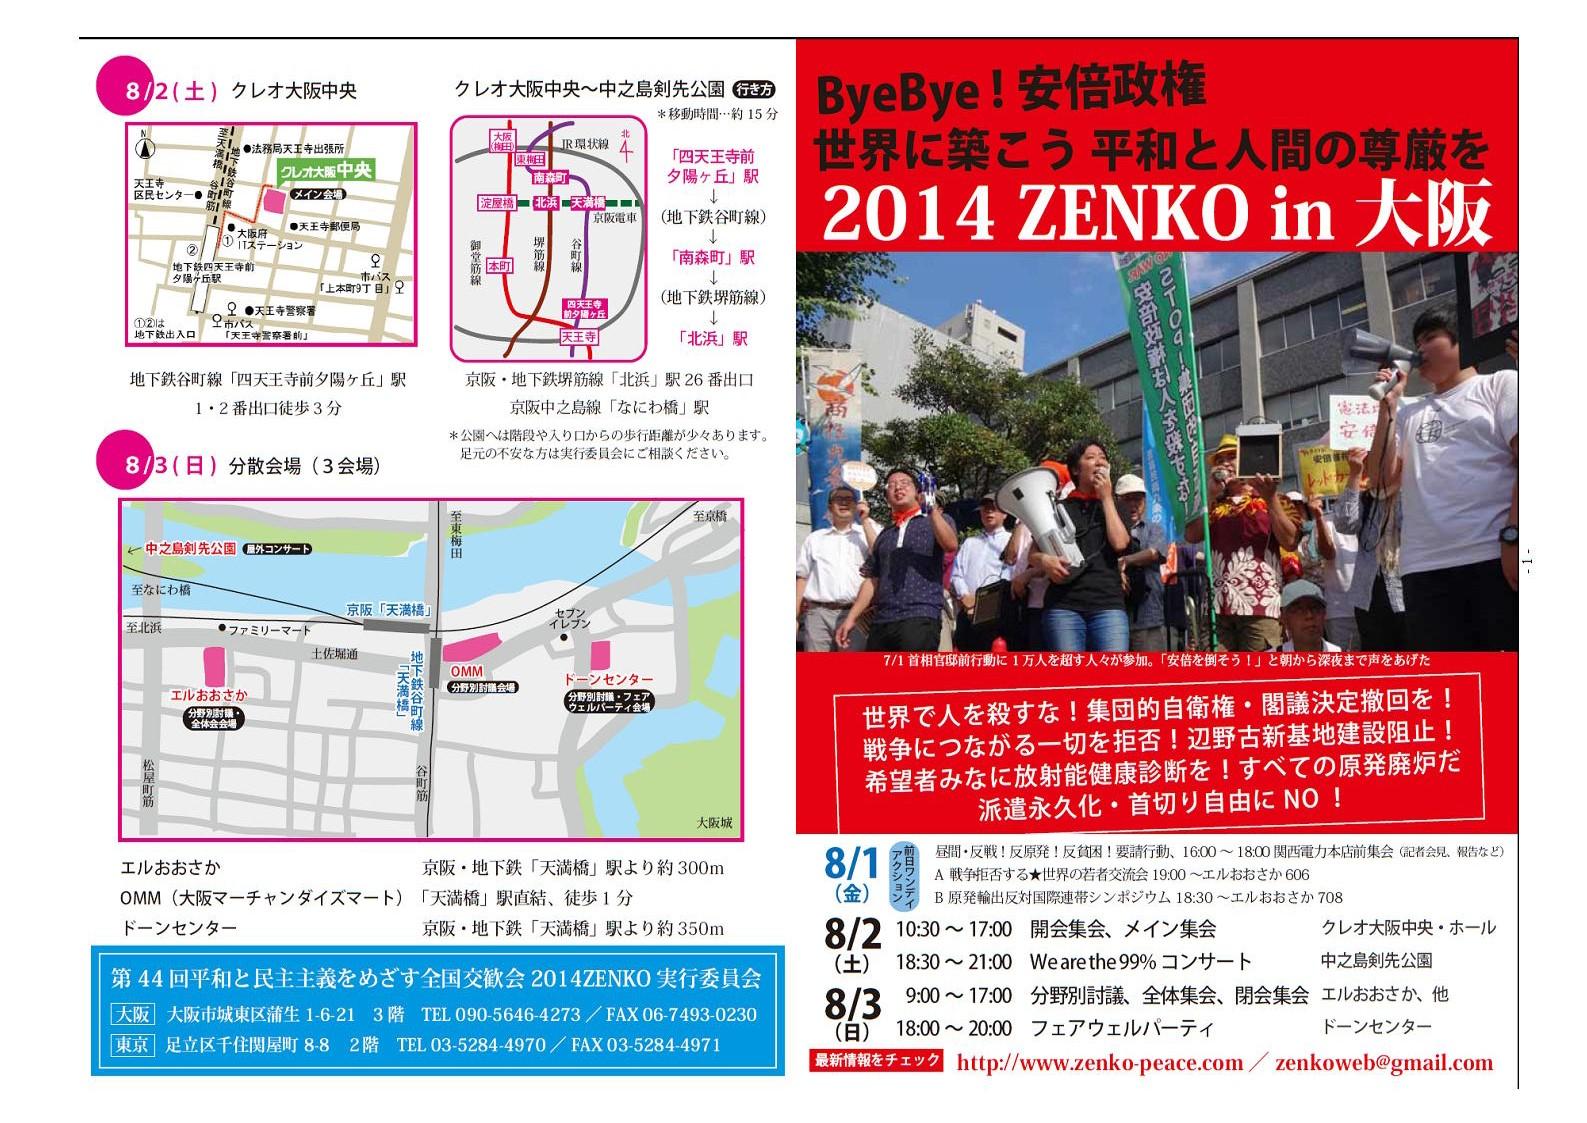 zenko3.jpg